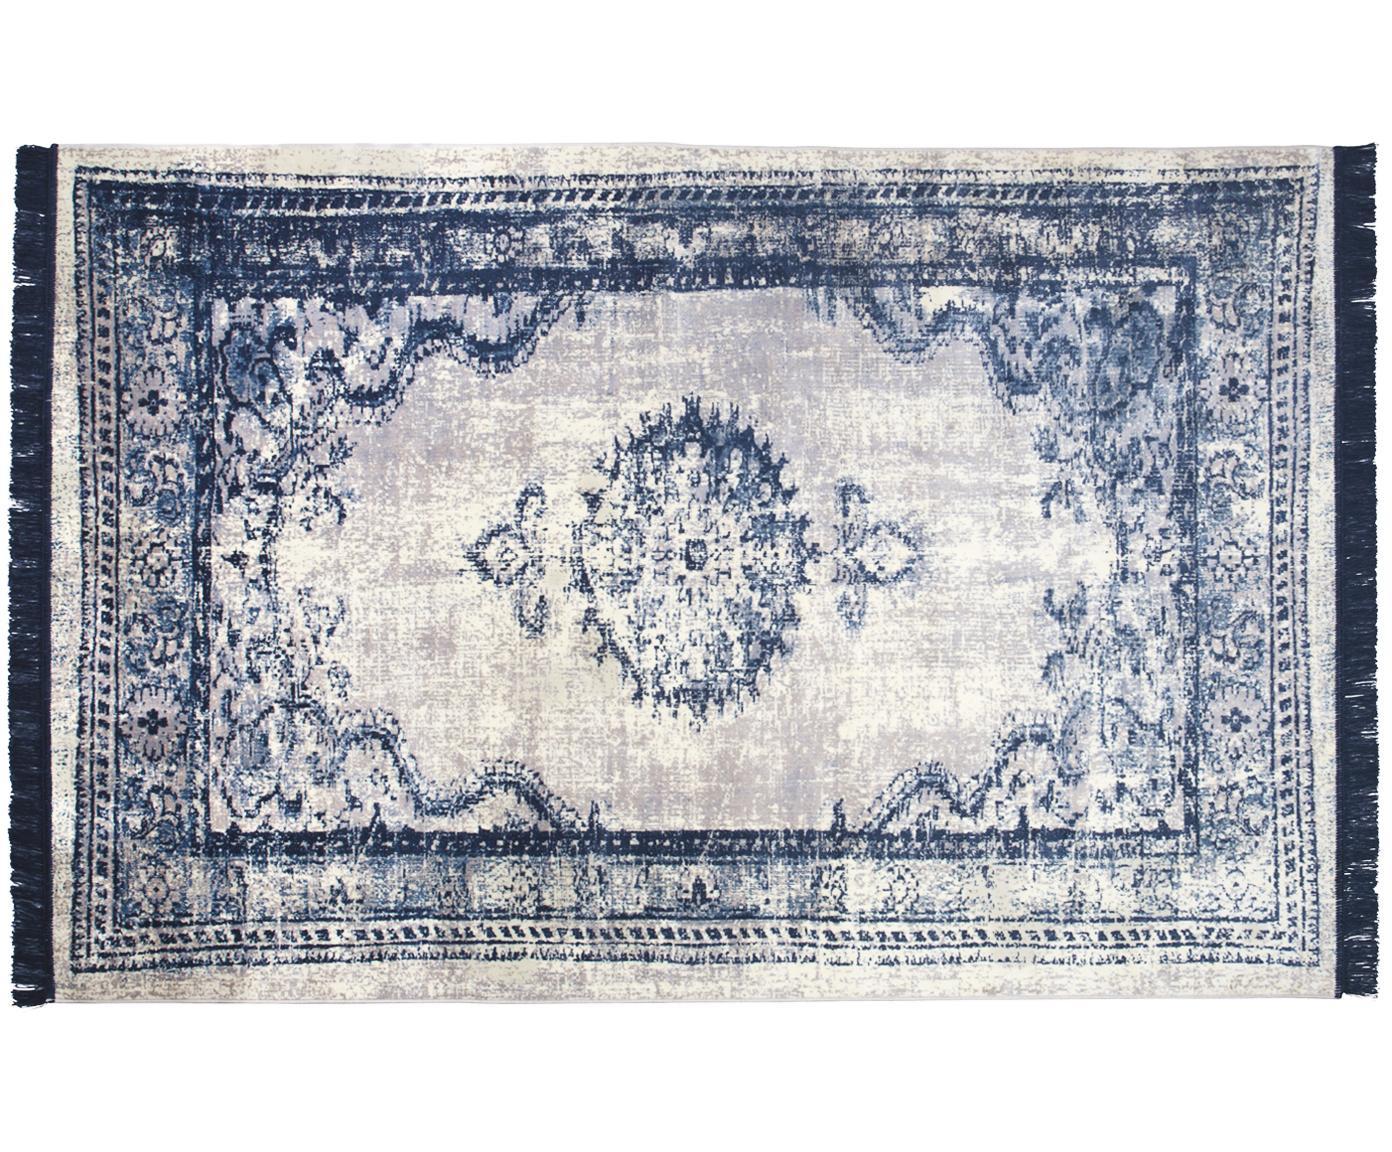 Vintage Teppich Marvel mit Fransen, Flor: 66% Kunstseide, 25% Baumw, Blau und Beigetöne, B 170 x L 240 cm (Grösse M)